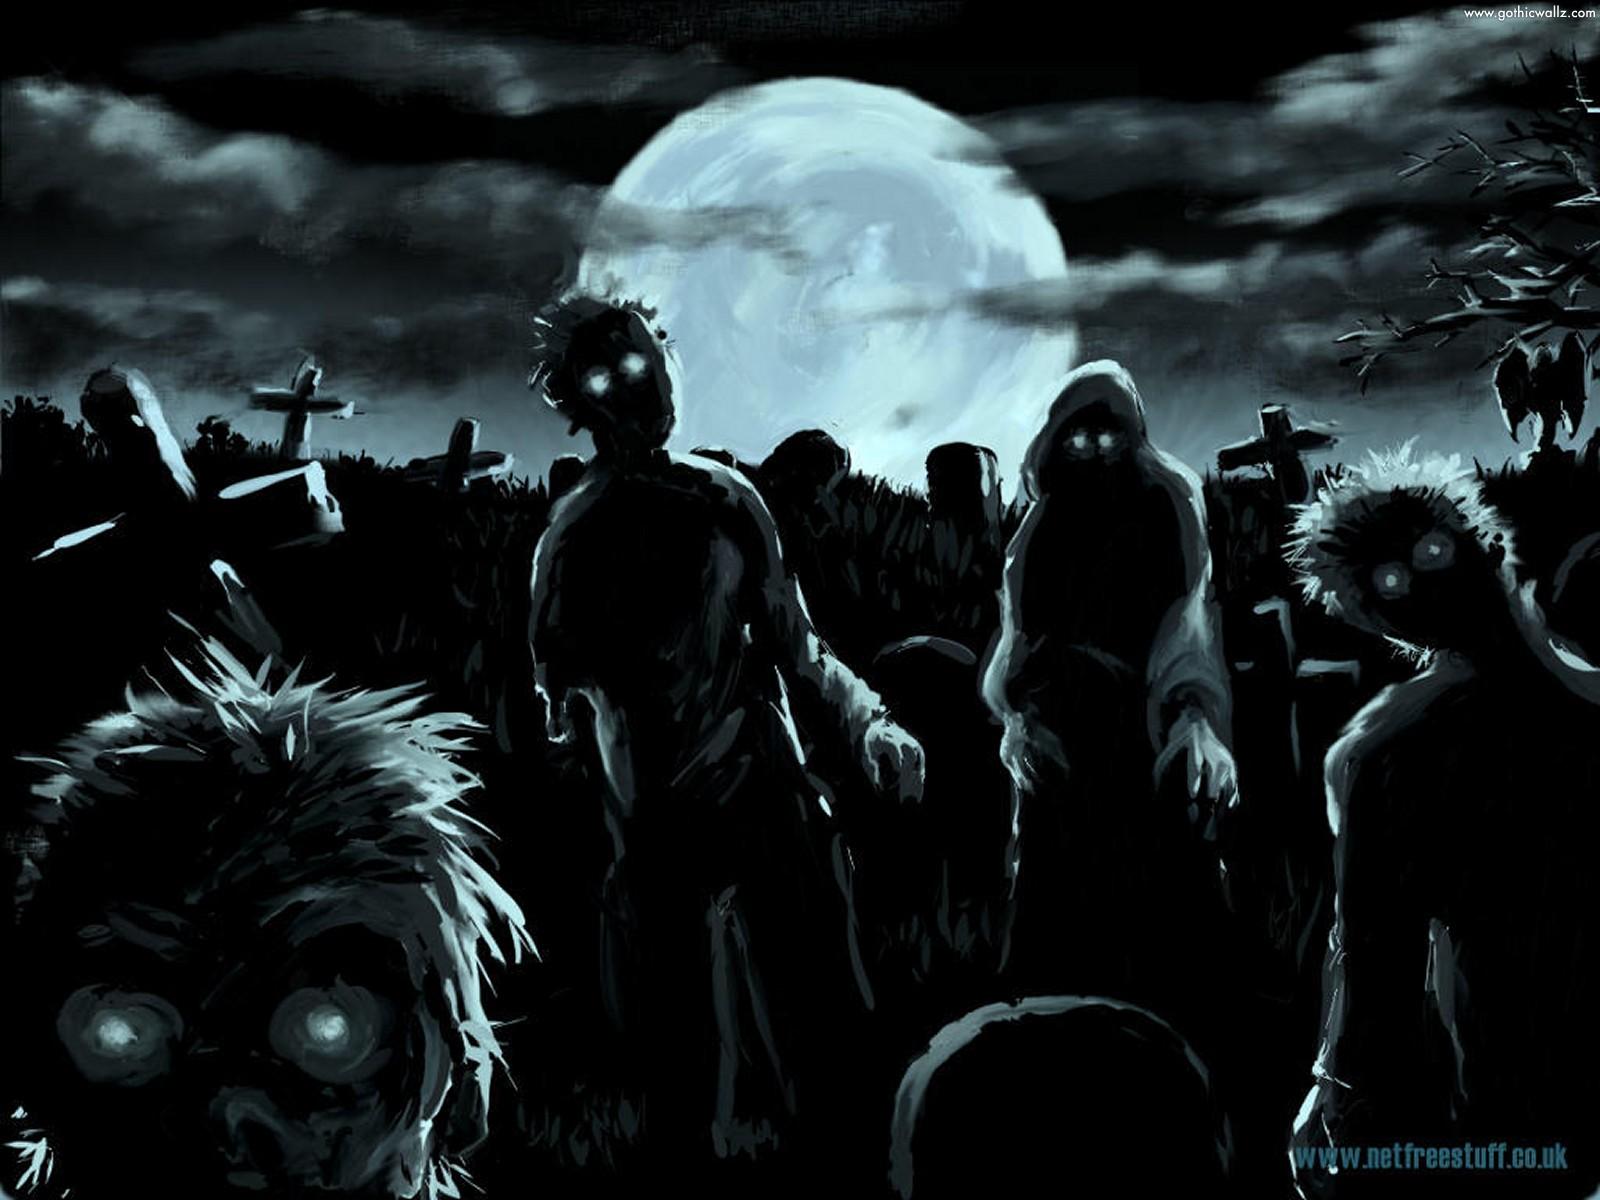 Dark Gothic Wallpaper Download